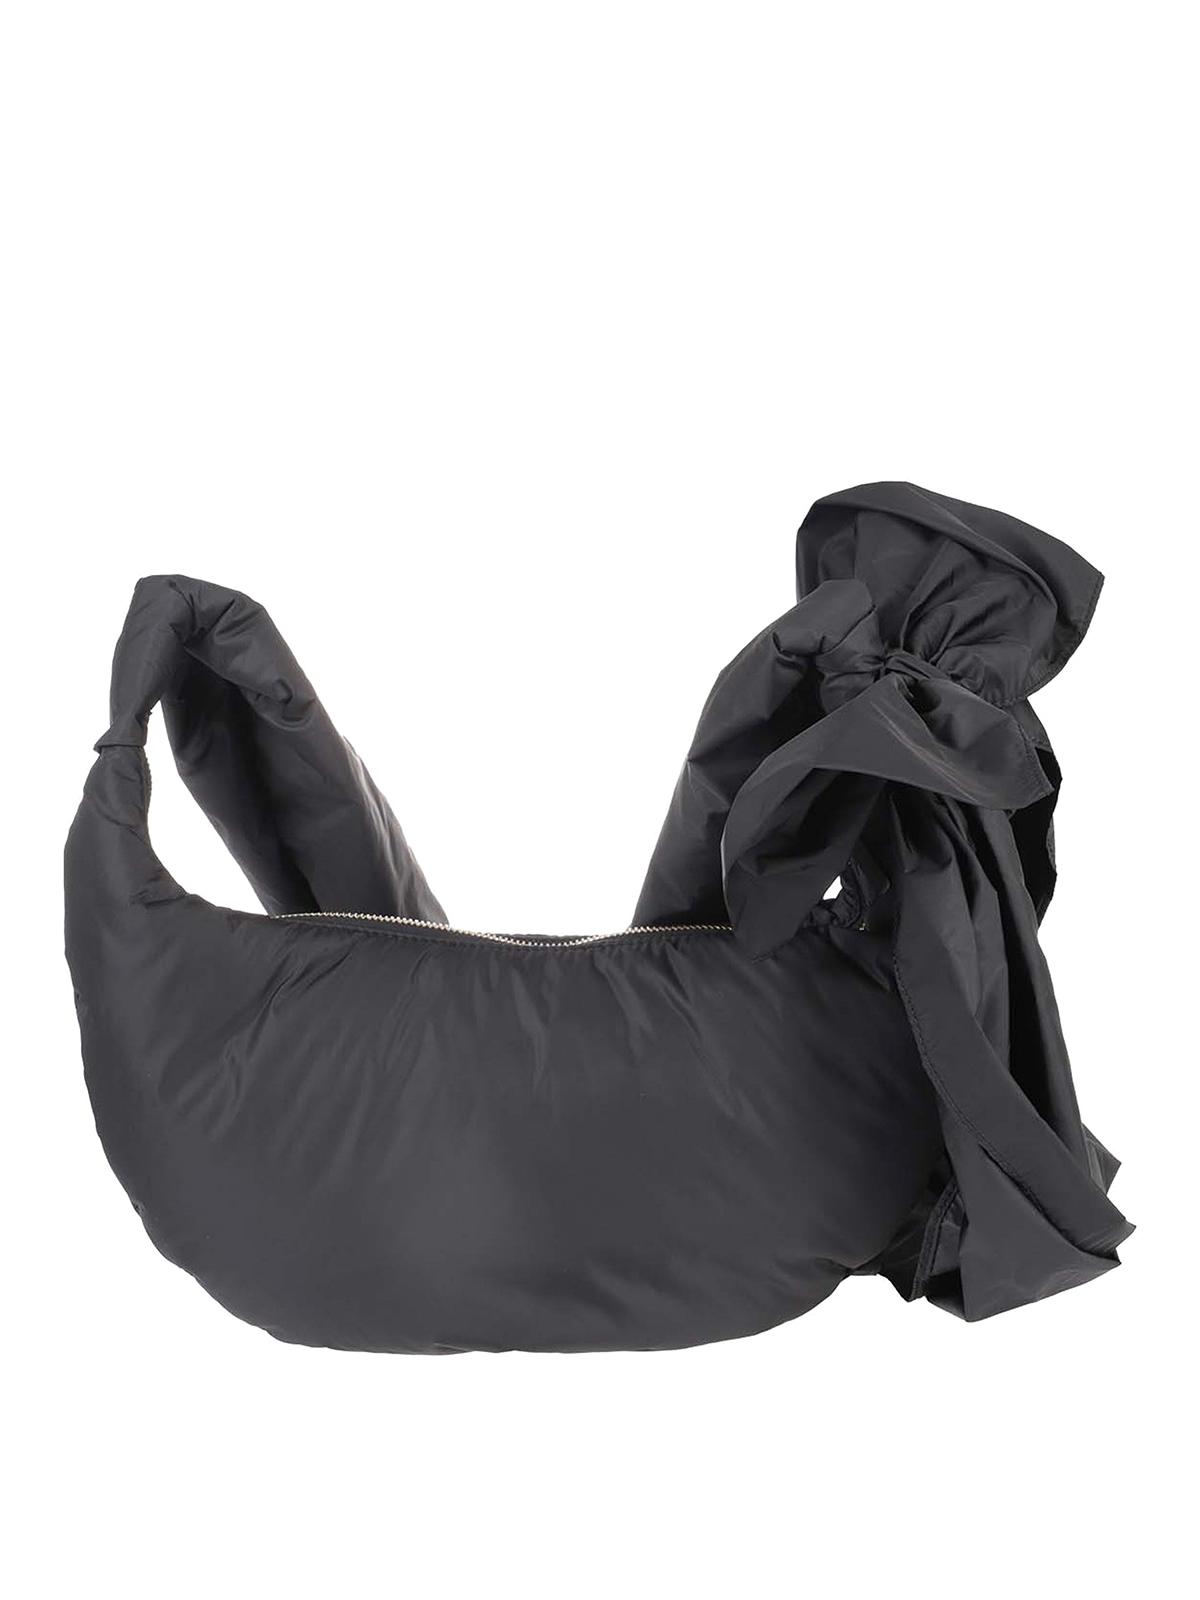 Red Valentino Bow Detail Nylon Hobo Bag In Black